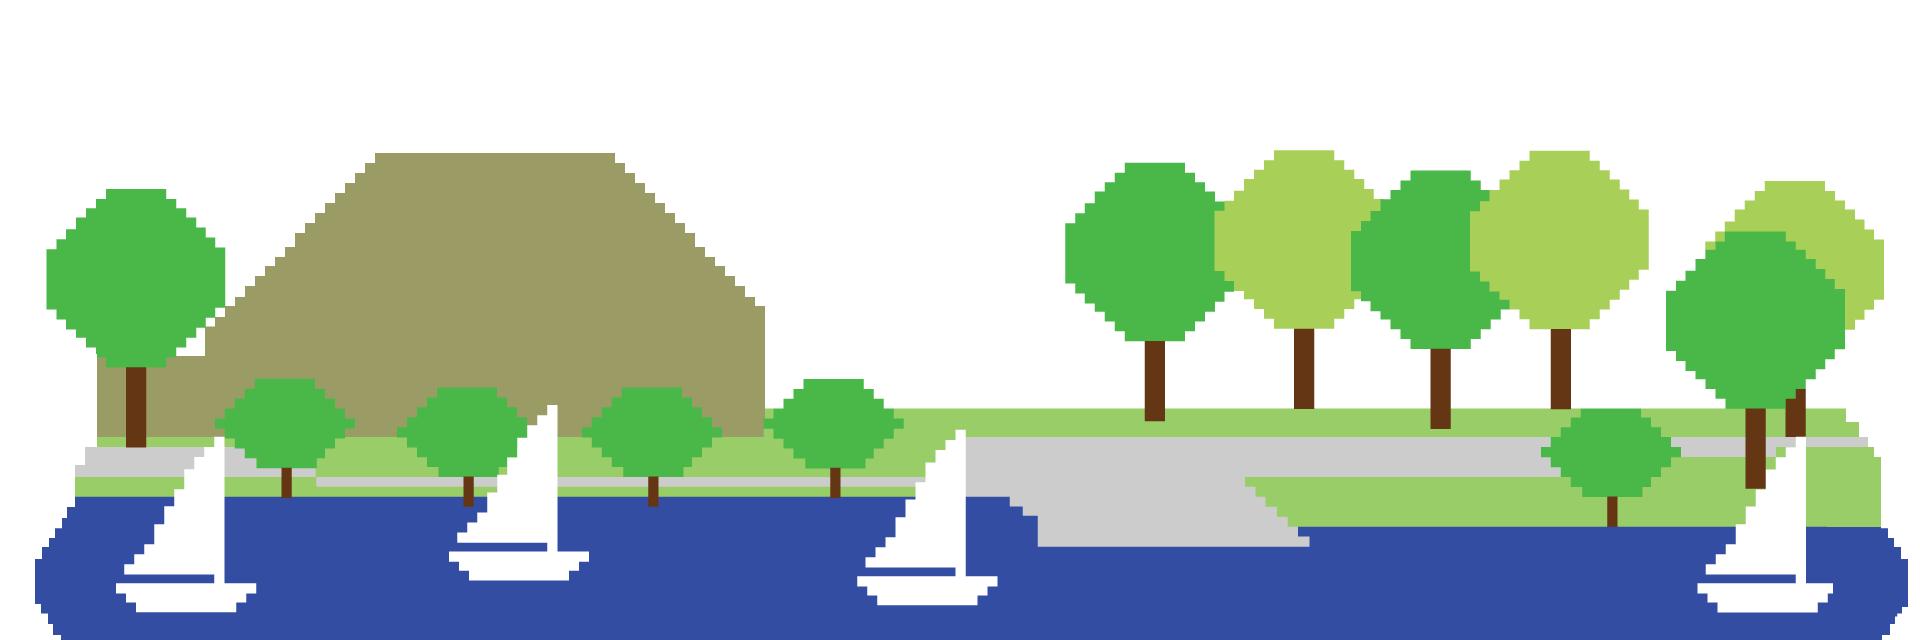 Esplanade